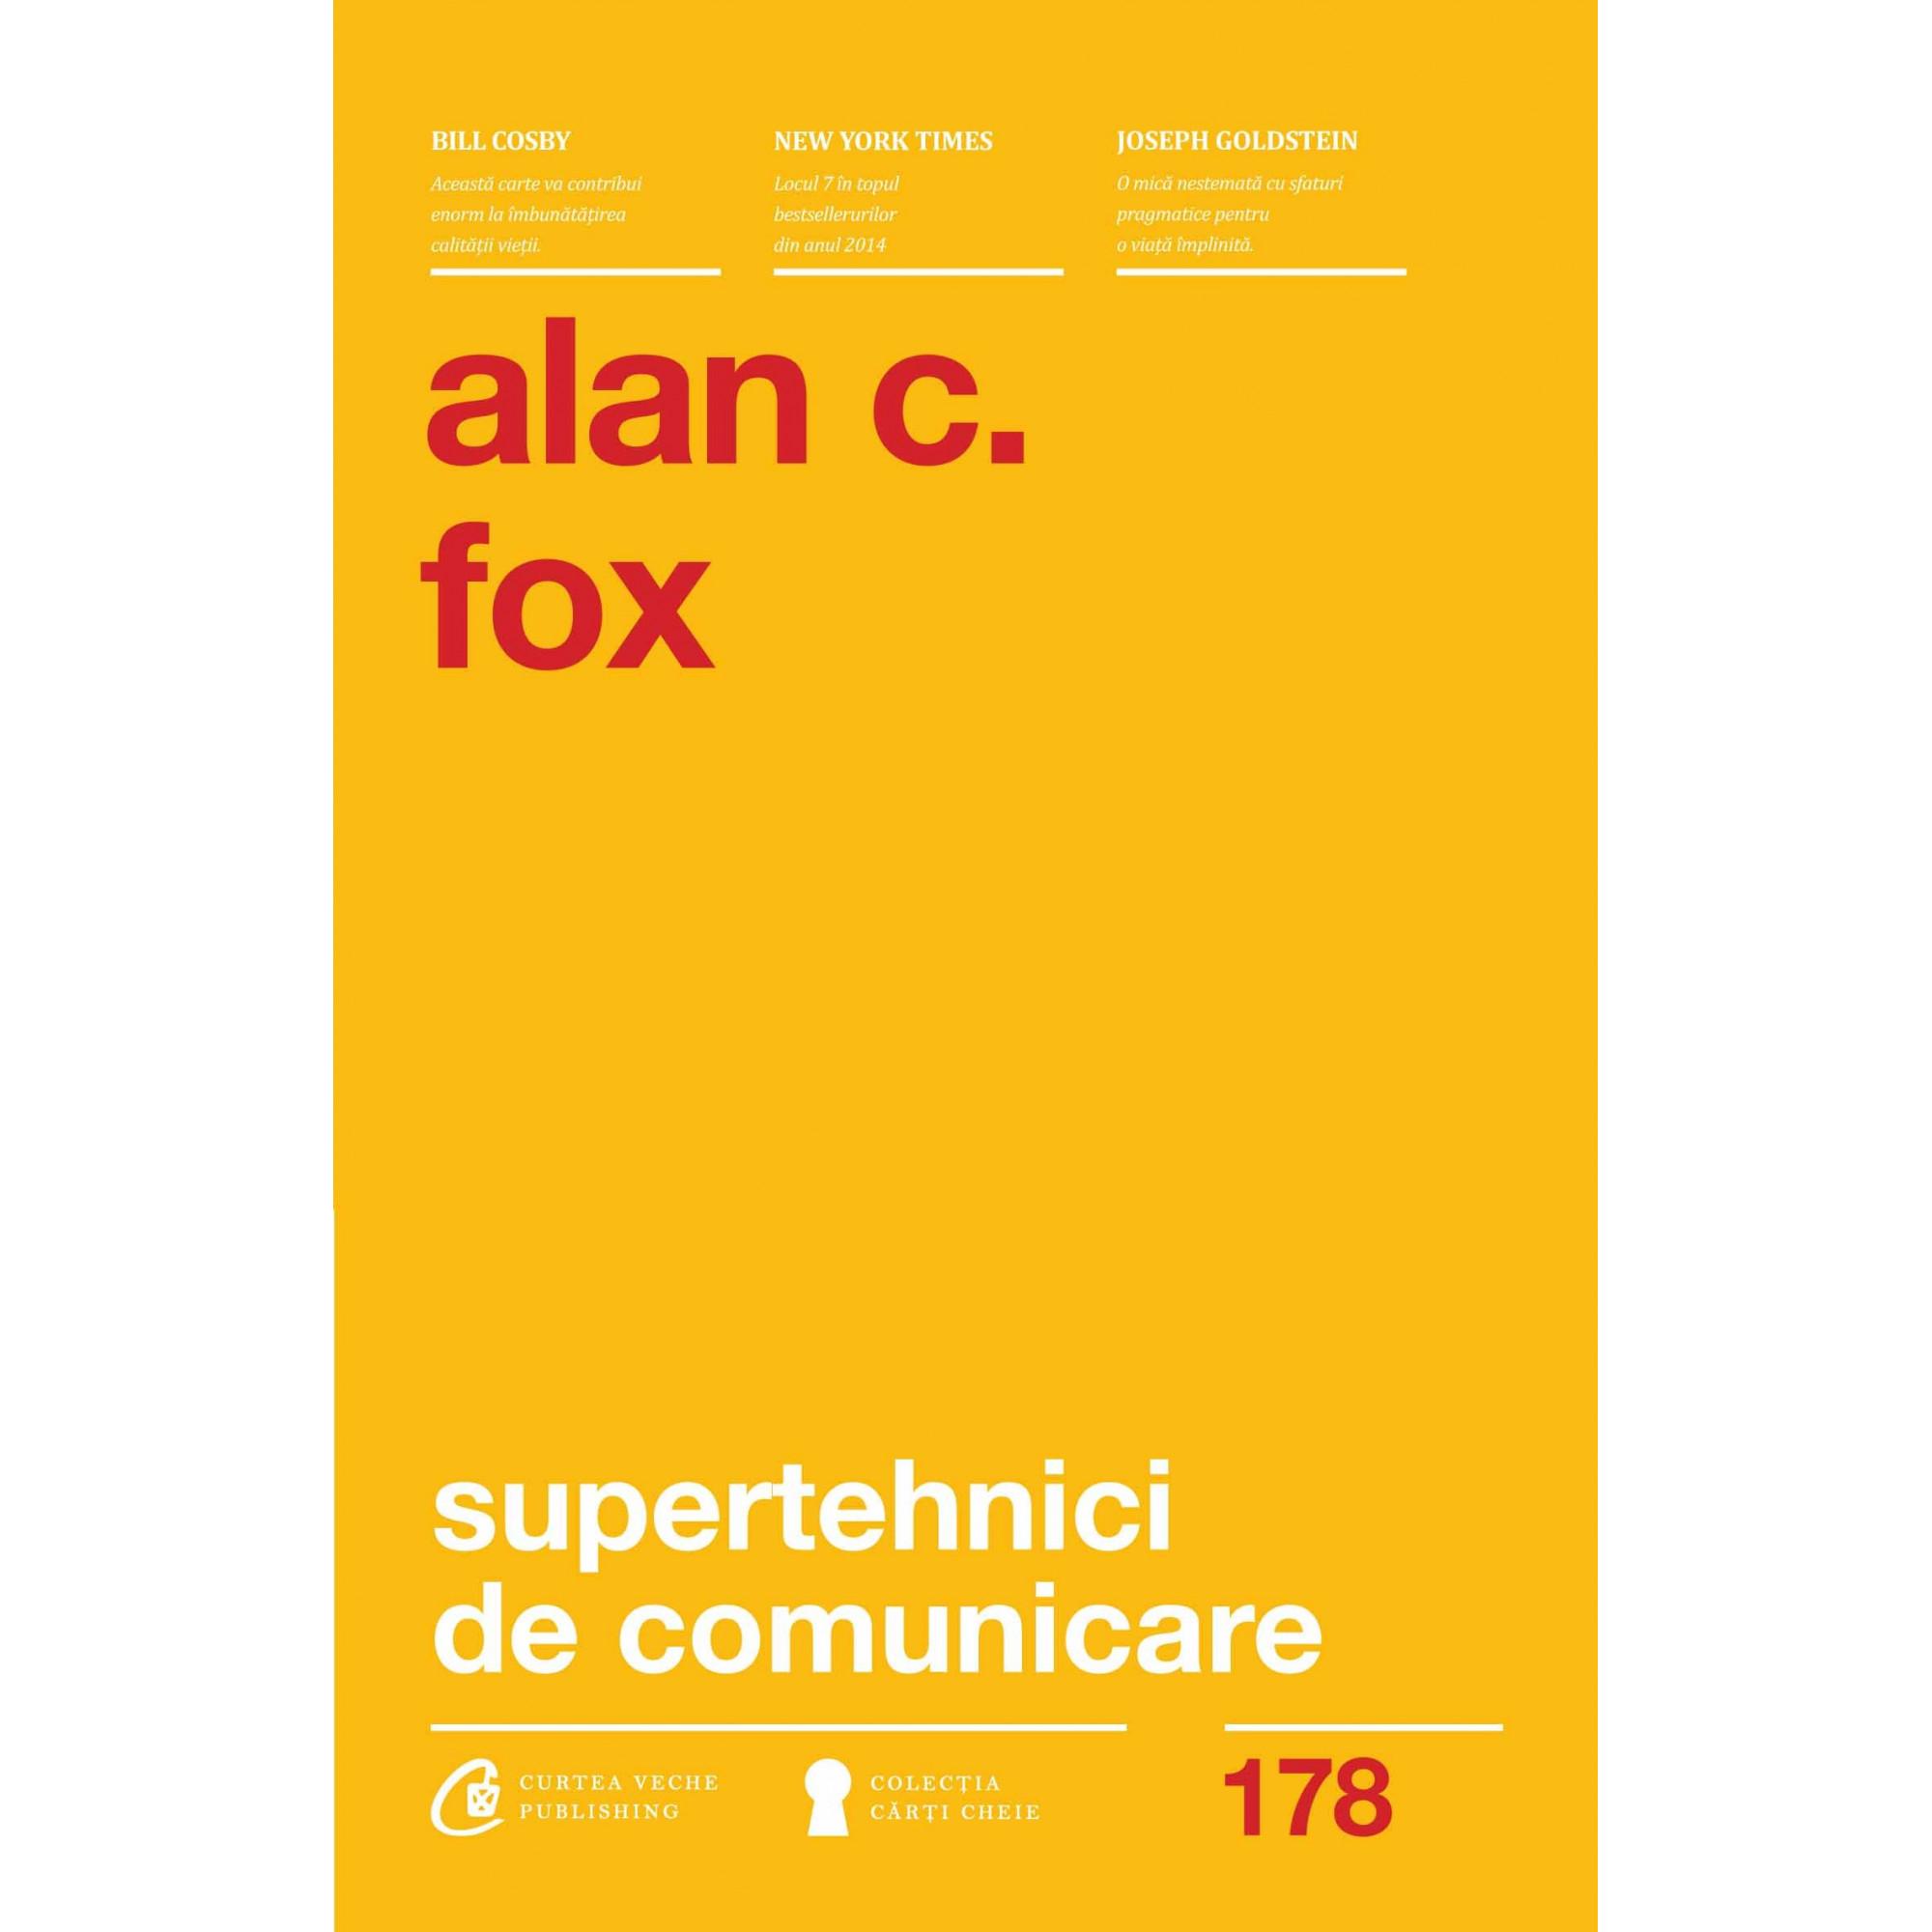 Supertehnici de comunicare. 54 de strategii pentru a clădi relații, a aduce bucurie și a dobândi prosperitate; Alan C. Fox